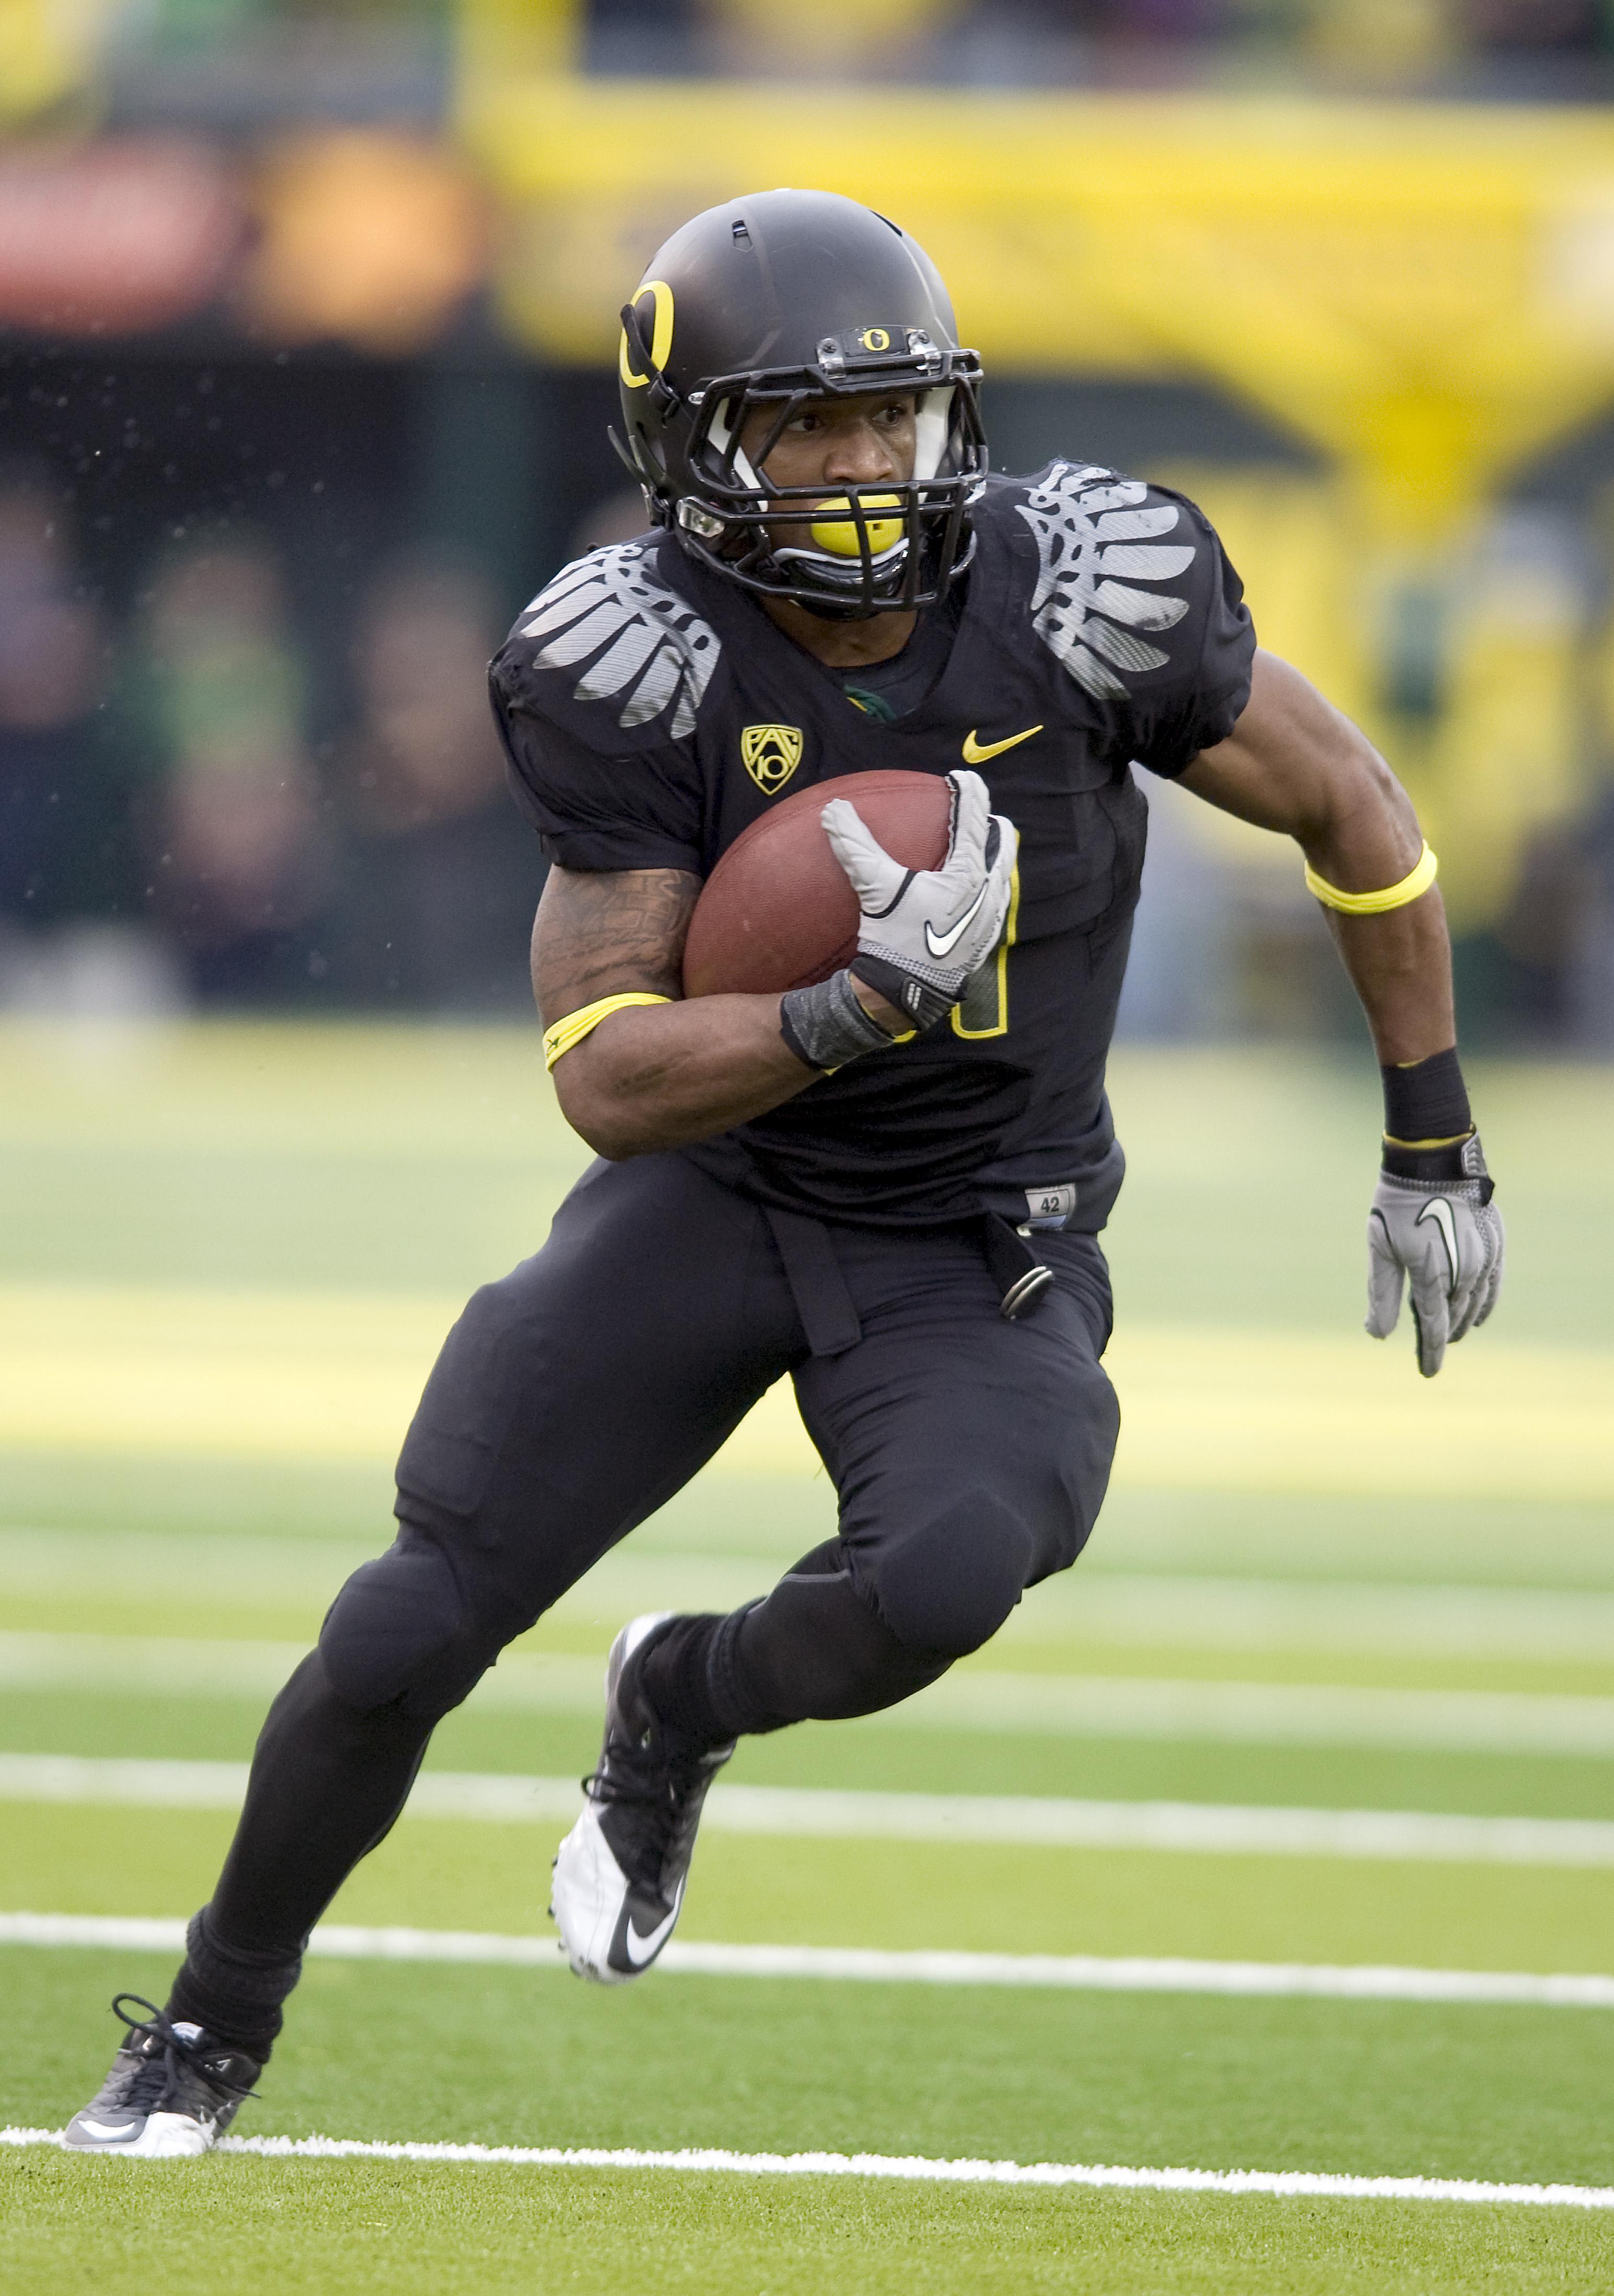 Oregon RB LaMichael James